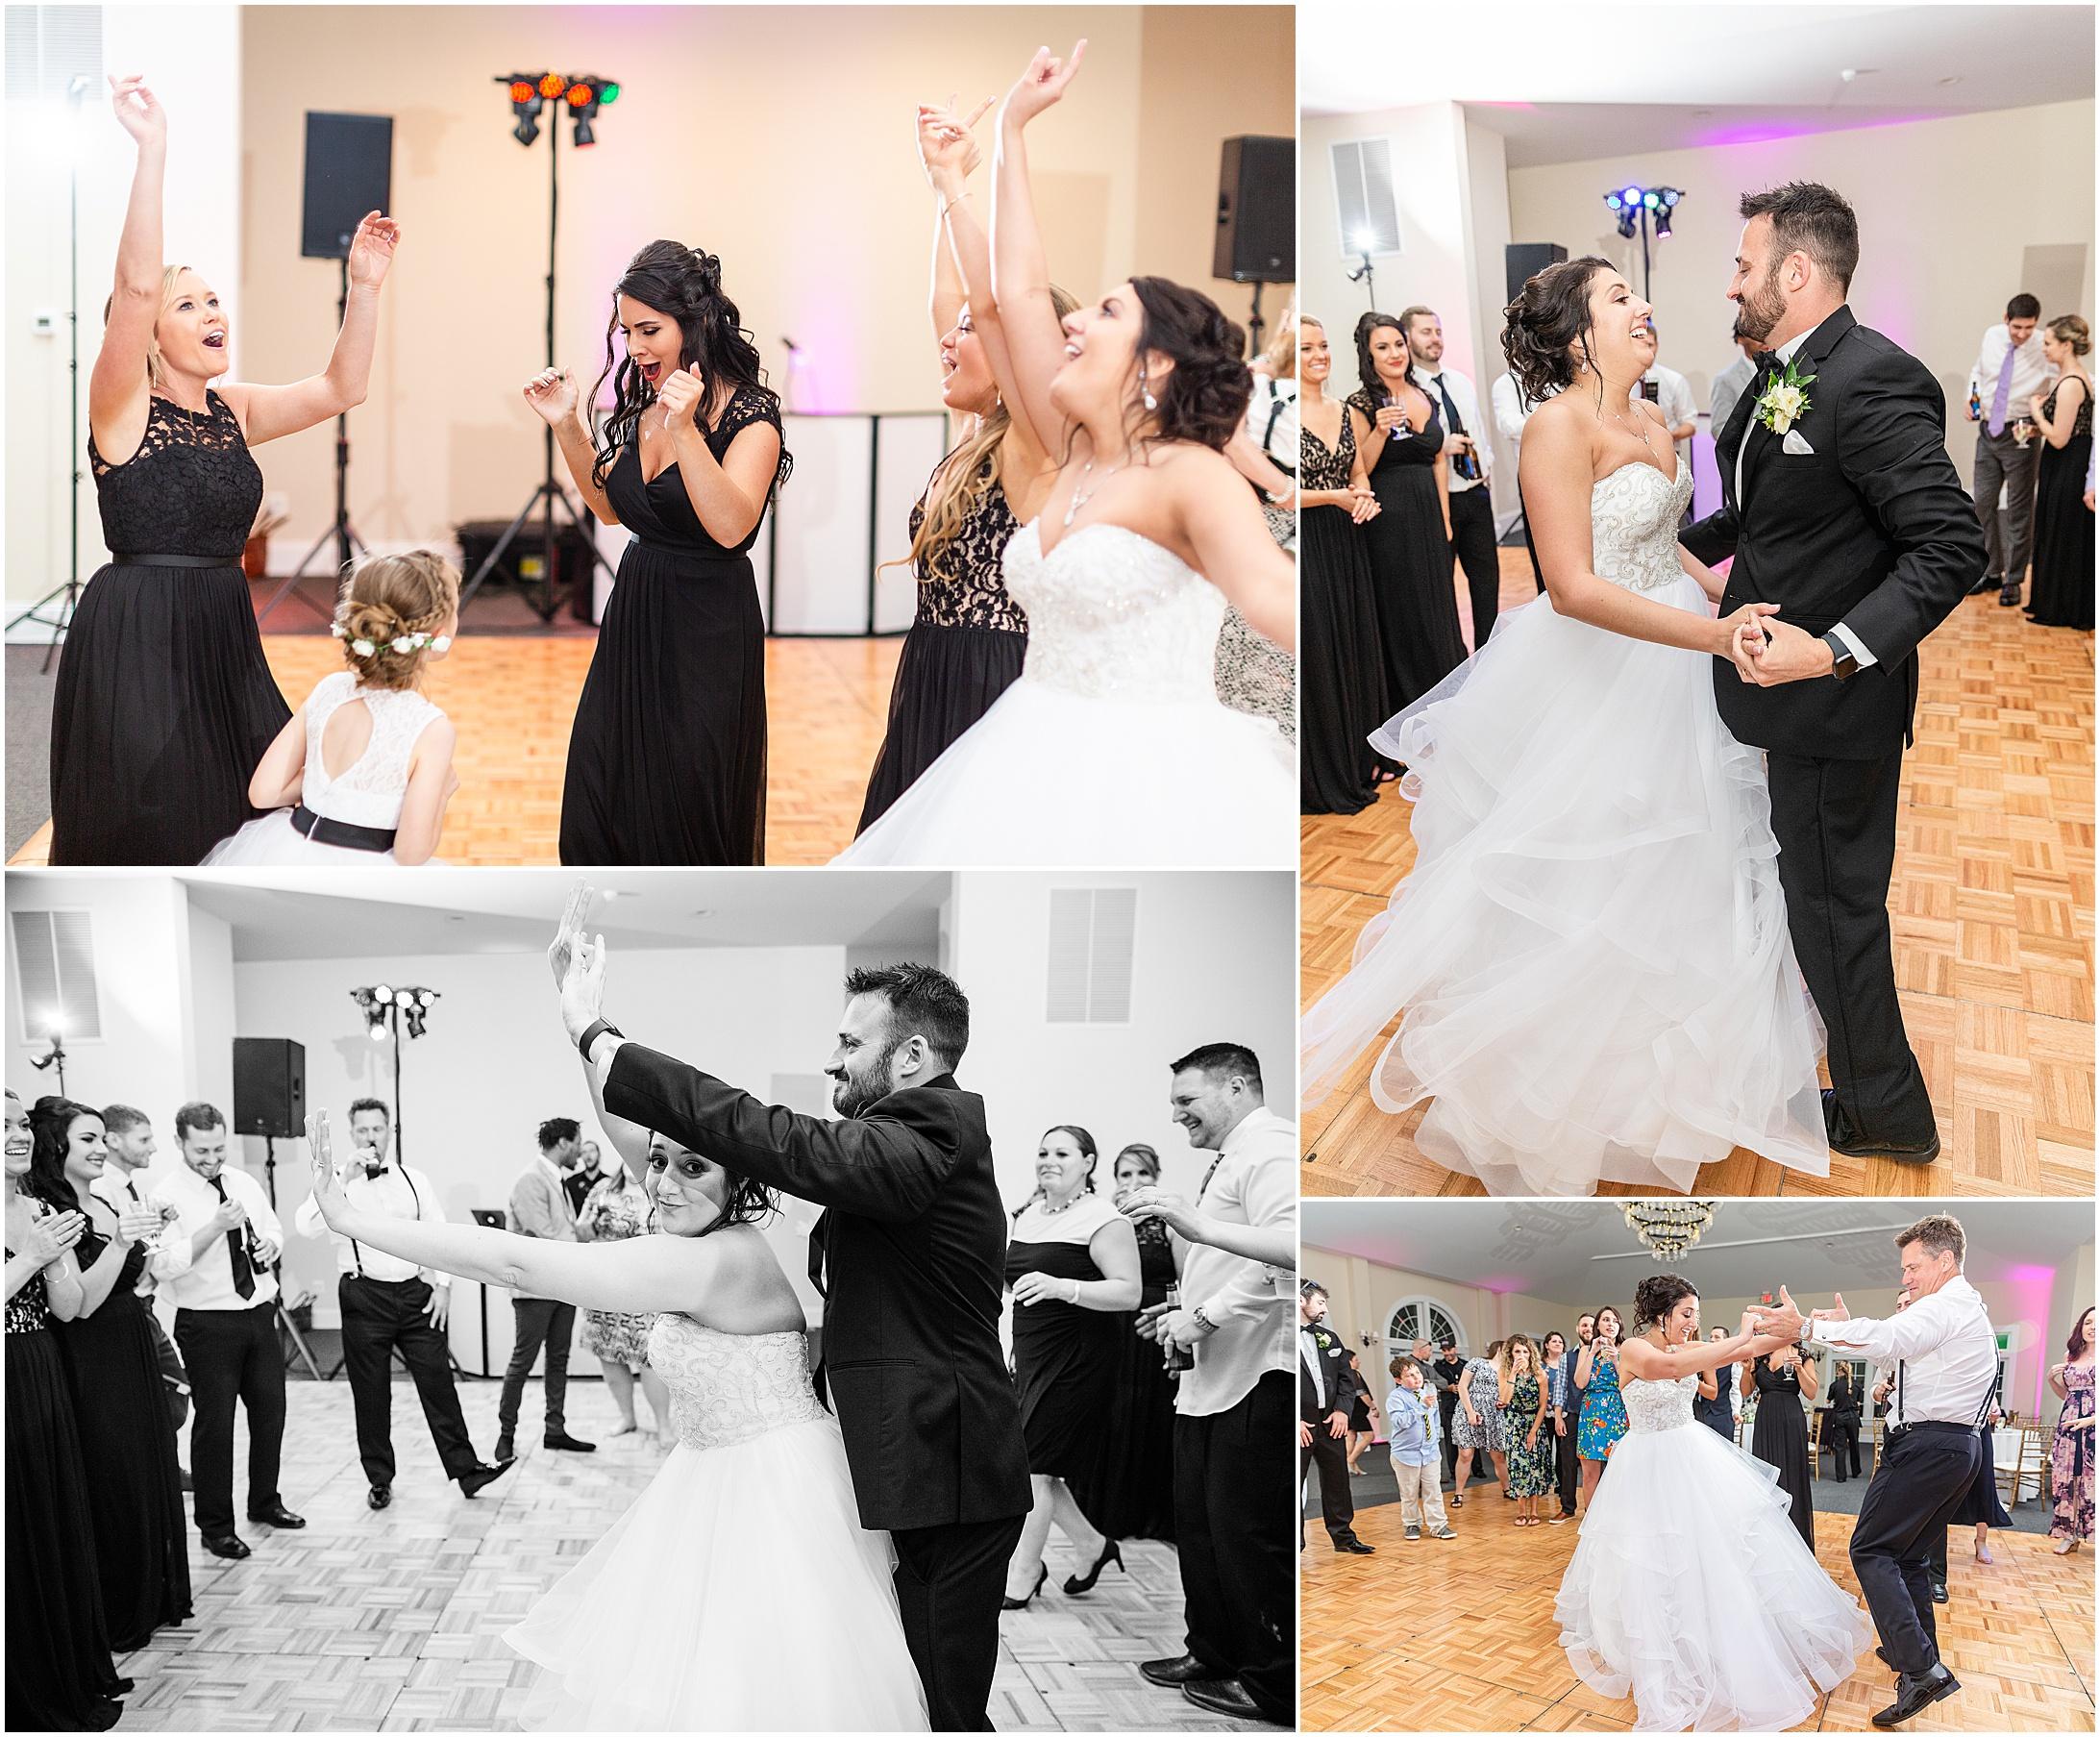 Stone-manor-country-club-wedding-photos-167.jpg